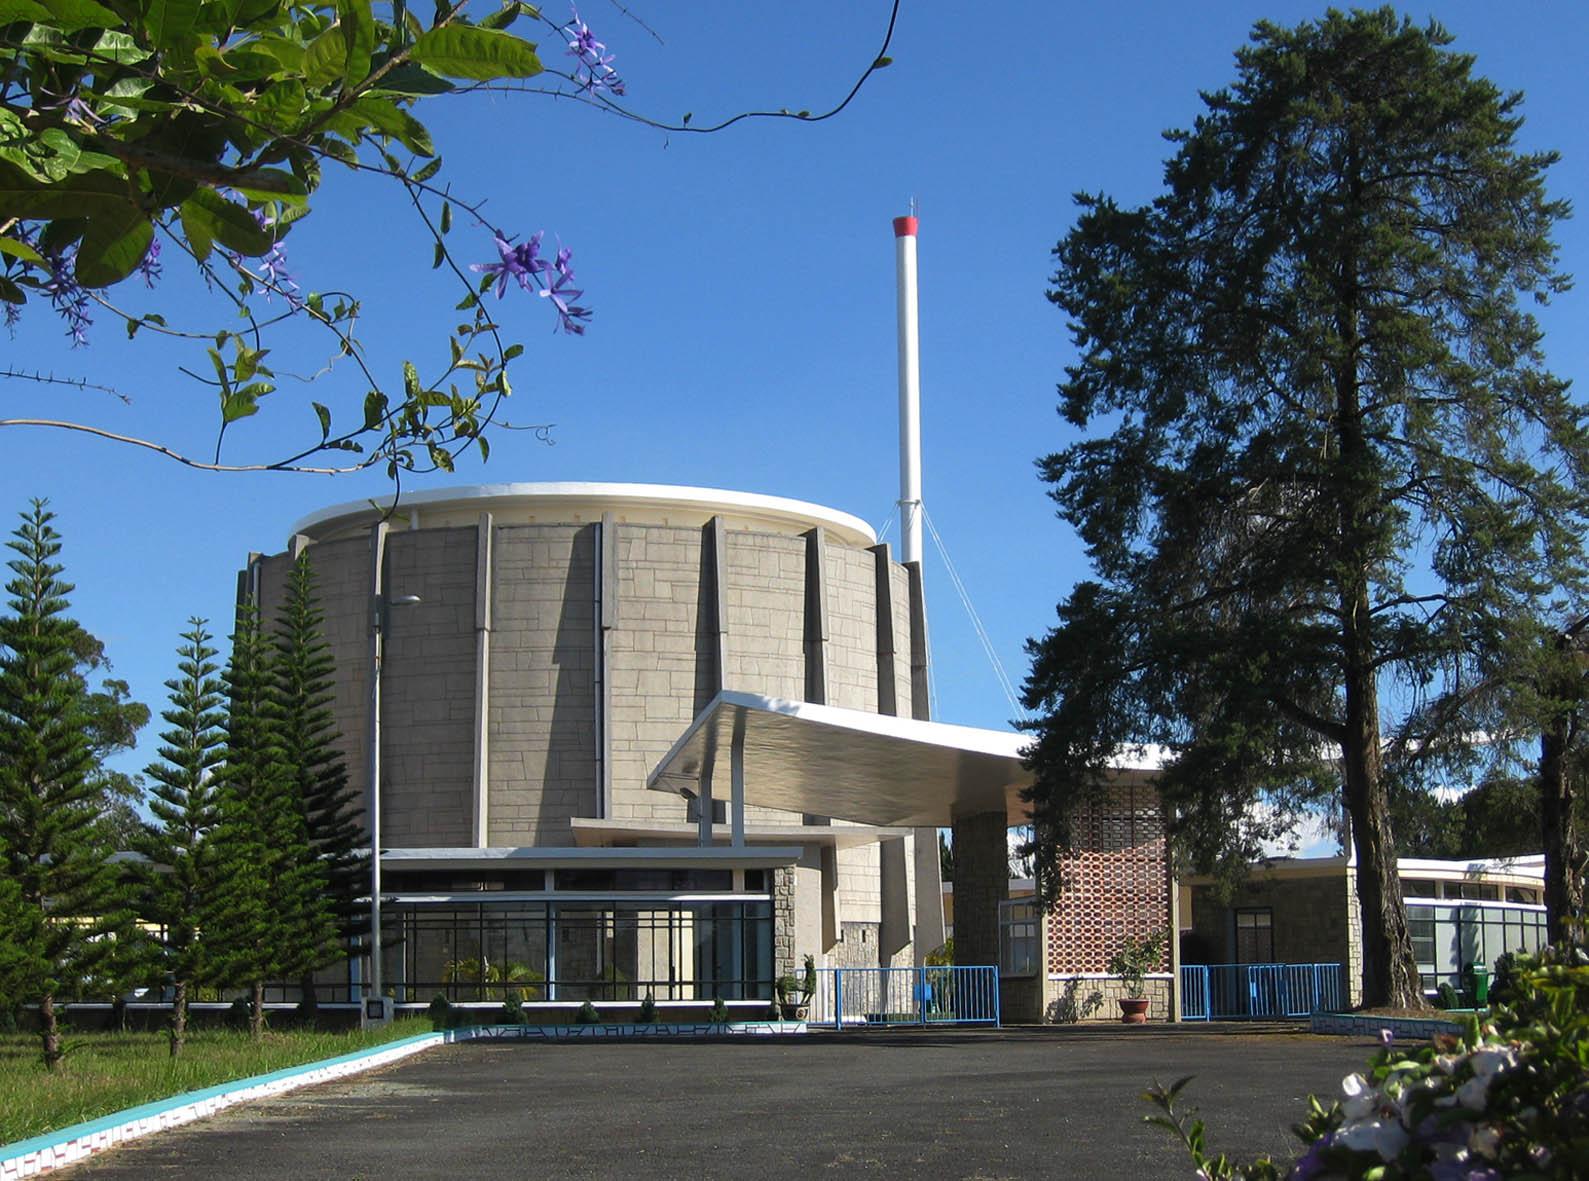 Viện nghiên cứu hạt nhân Đà Lạt